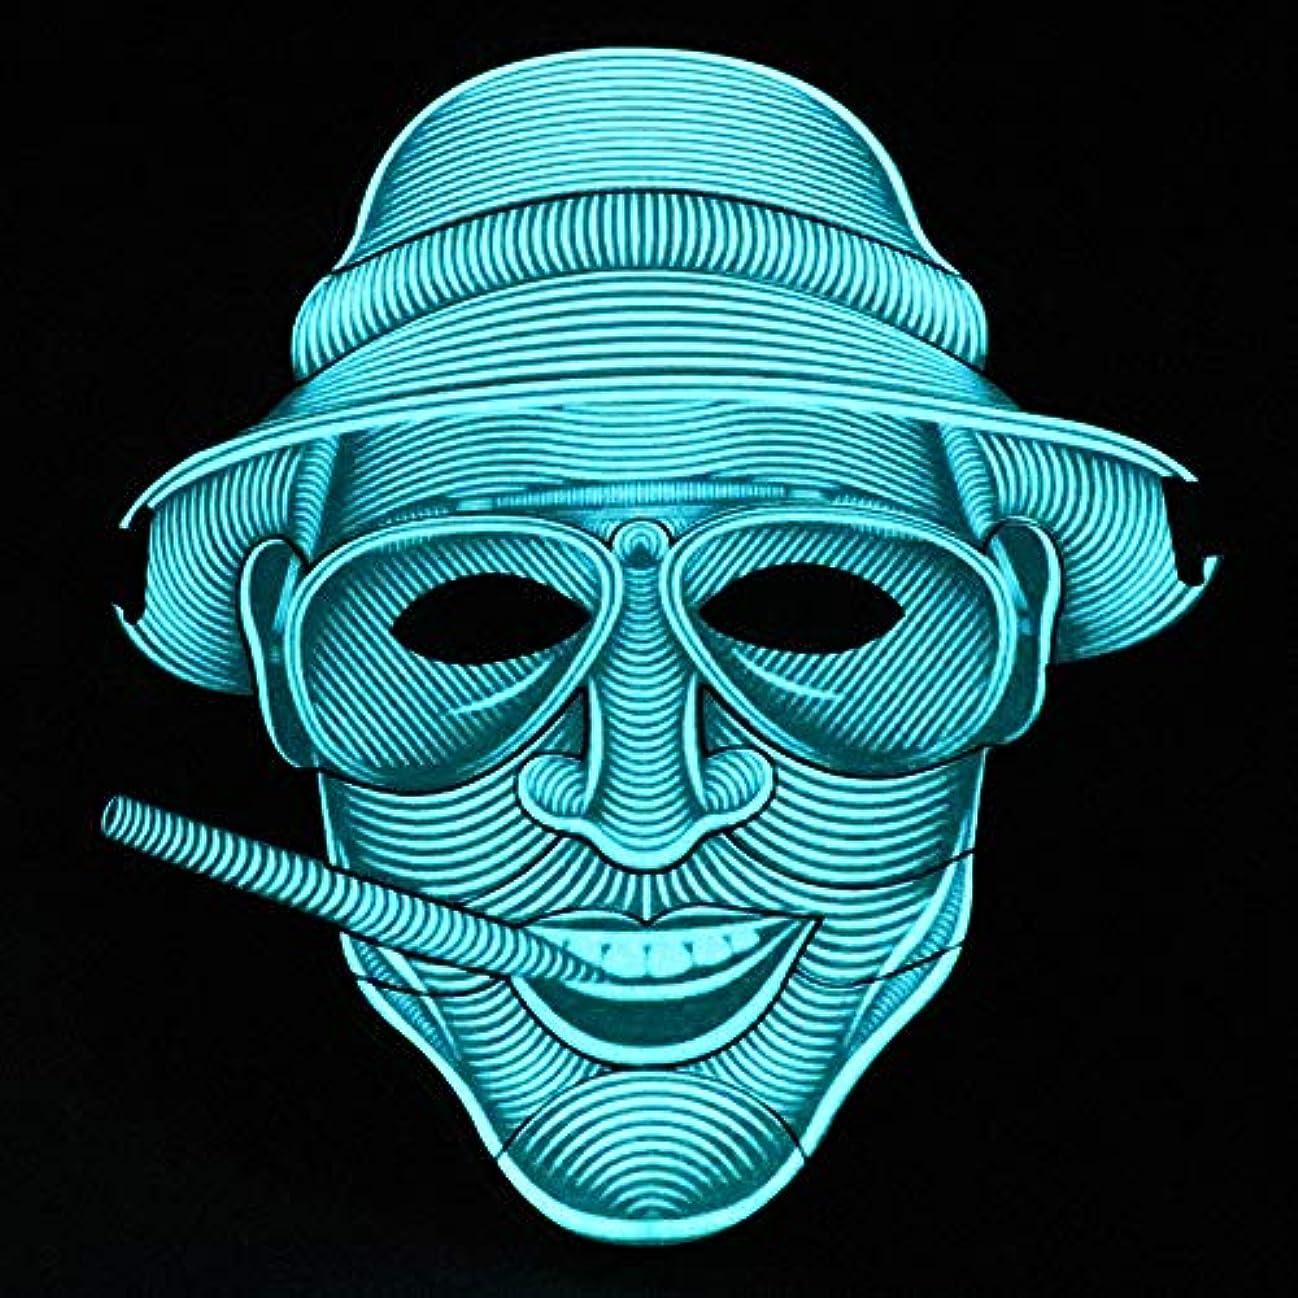 爬虫類火薬予見する照らされたマスクLED創造的な冷光音響制御マスクハロウィンバーフェスティバルダンスマスク (Color : #15)